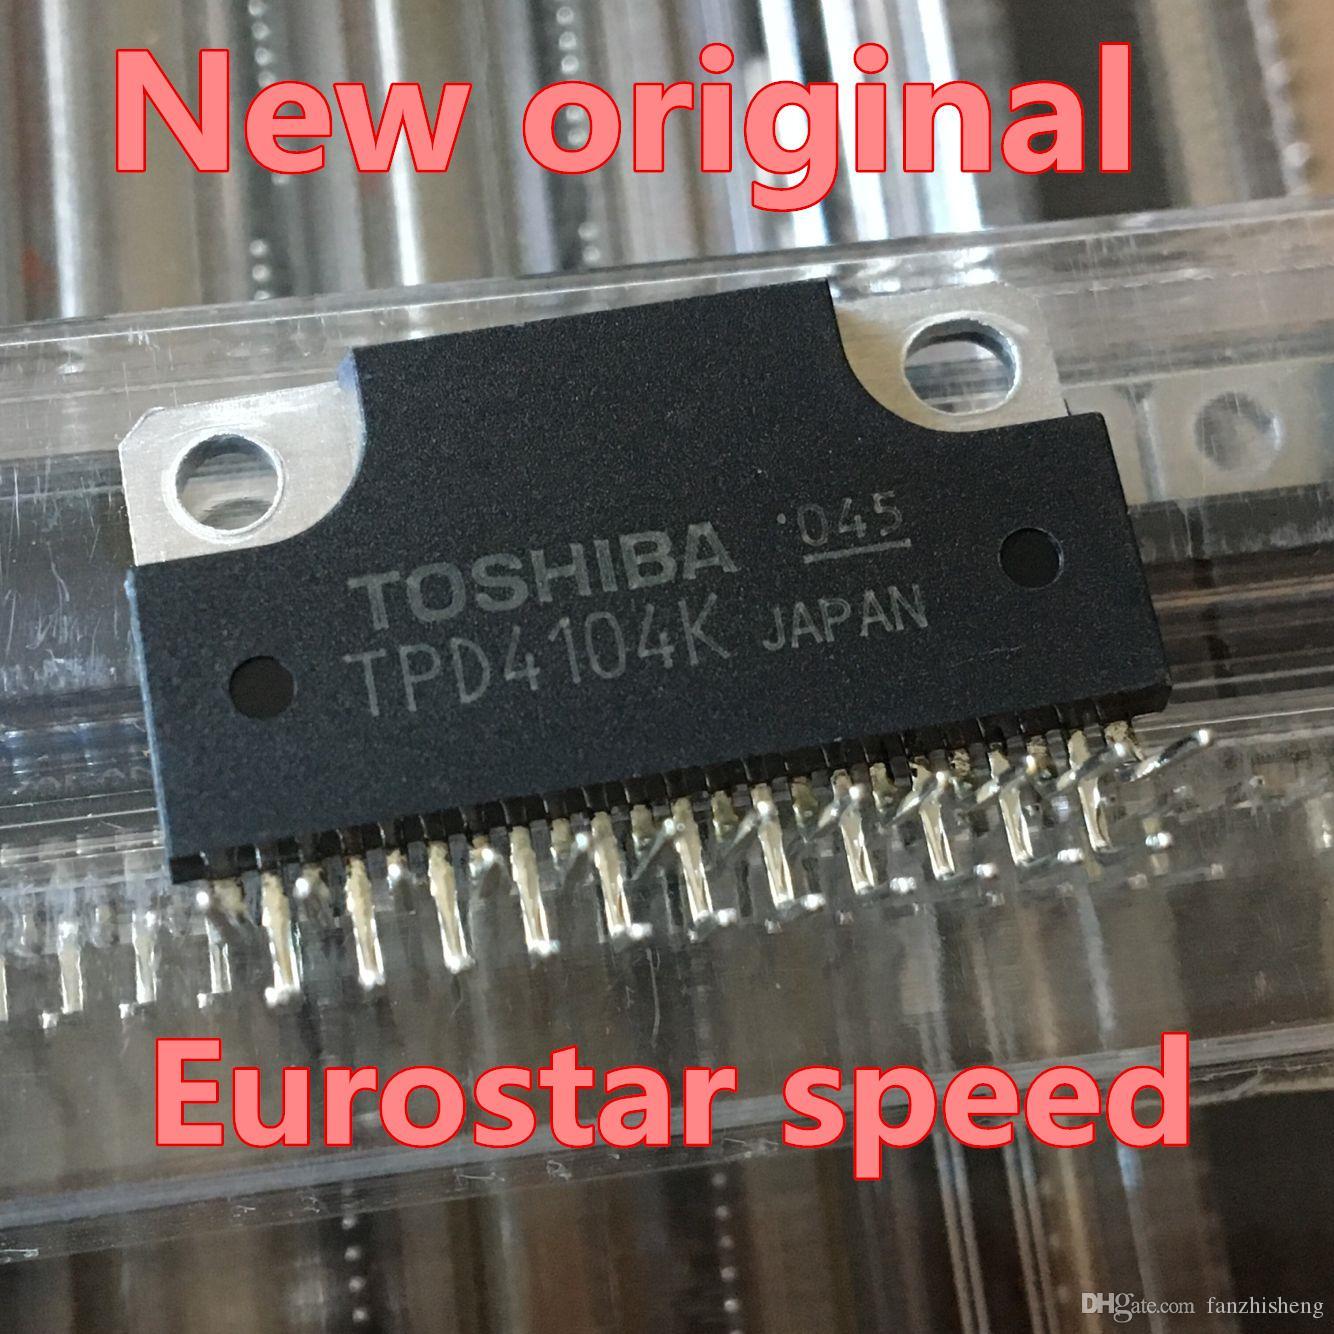 2 / pcs IC TPD4103K TPD4104K TPD4104AK Nouveau original MR2920 HA13605 MSR5100-LF 16212886 TDA7490SA Assurance qualité Peut jouer